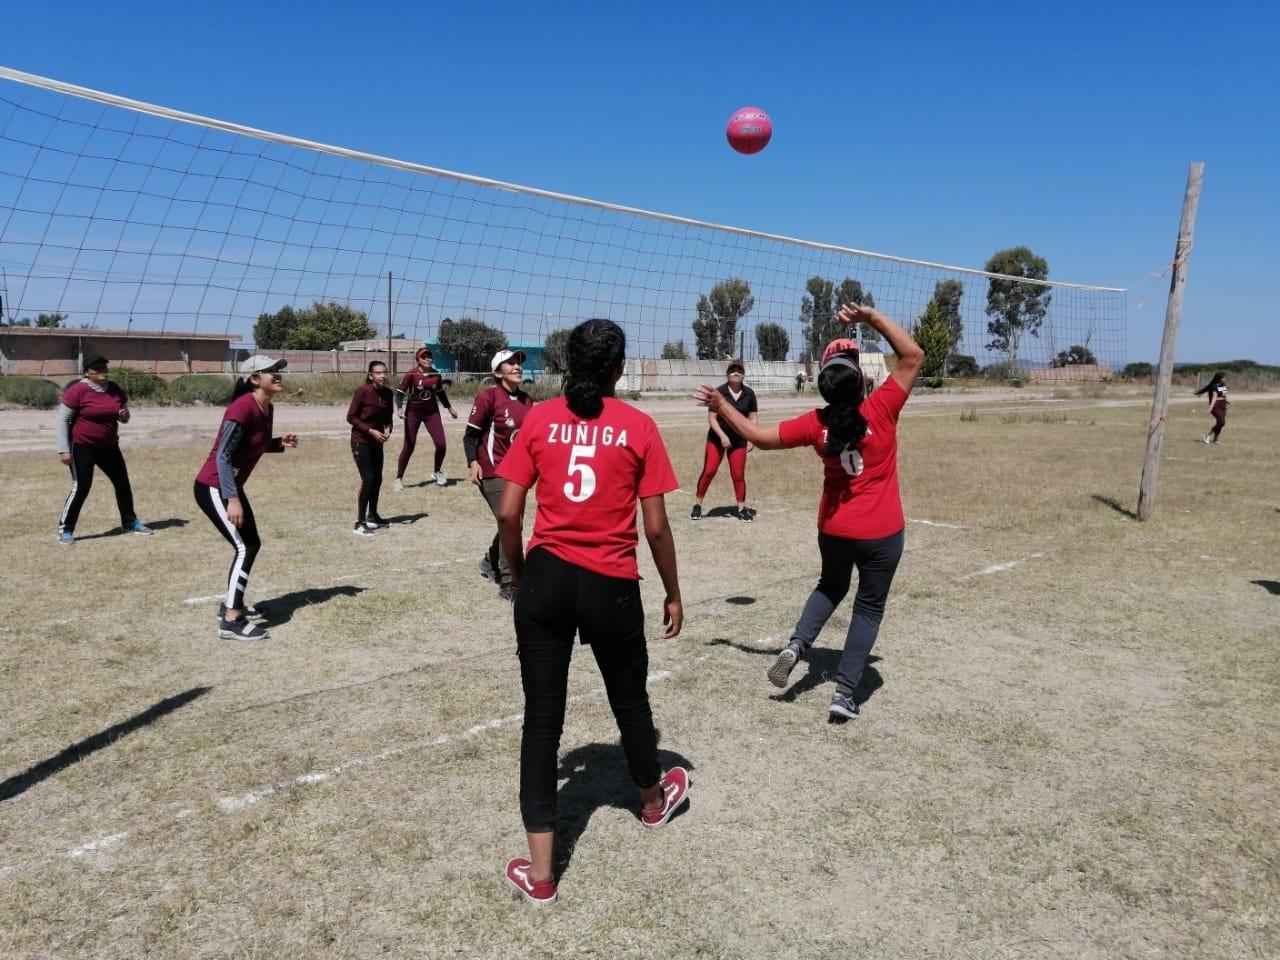 El voleibol reina en la Zona Rural de la capital duranguense